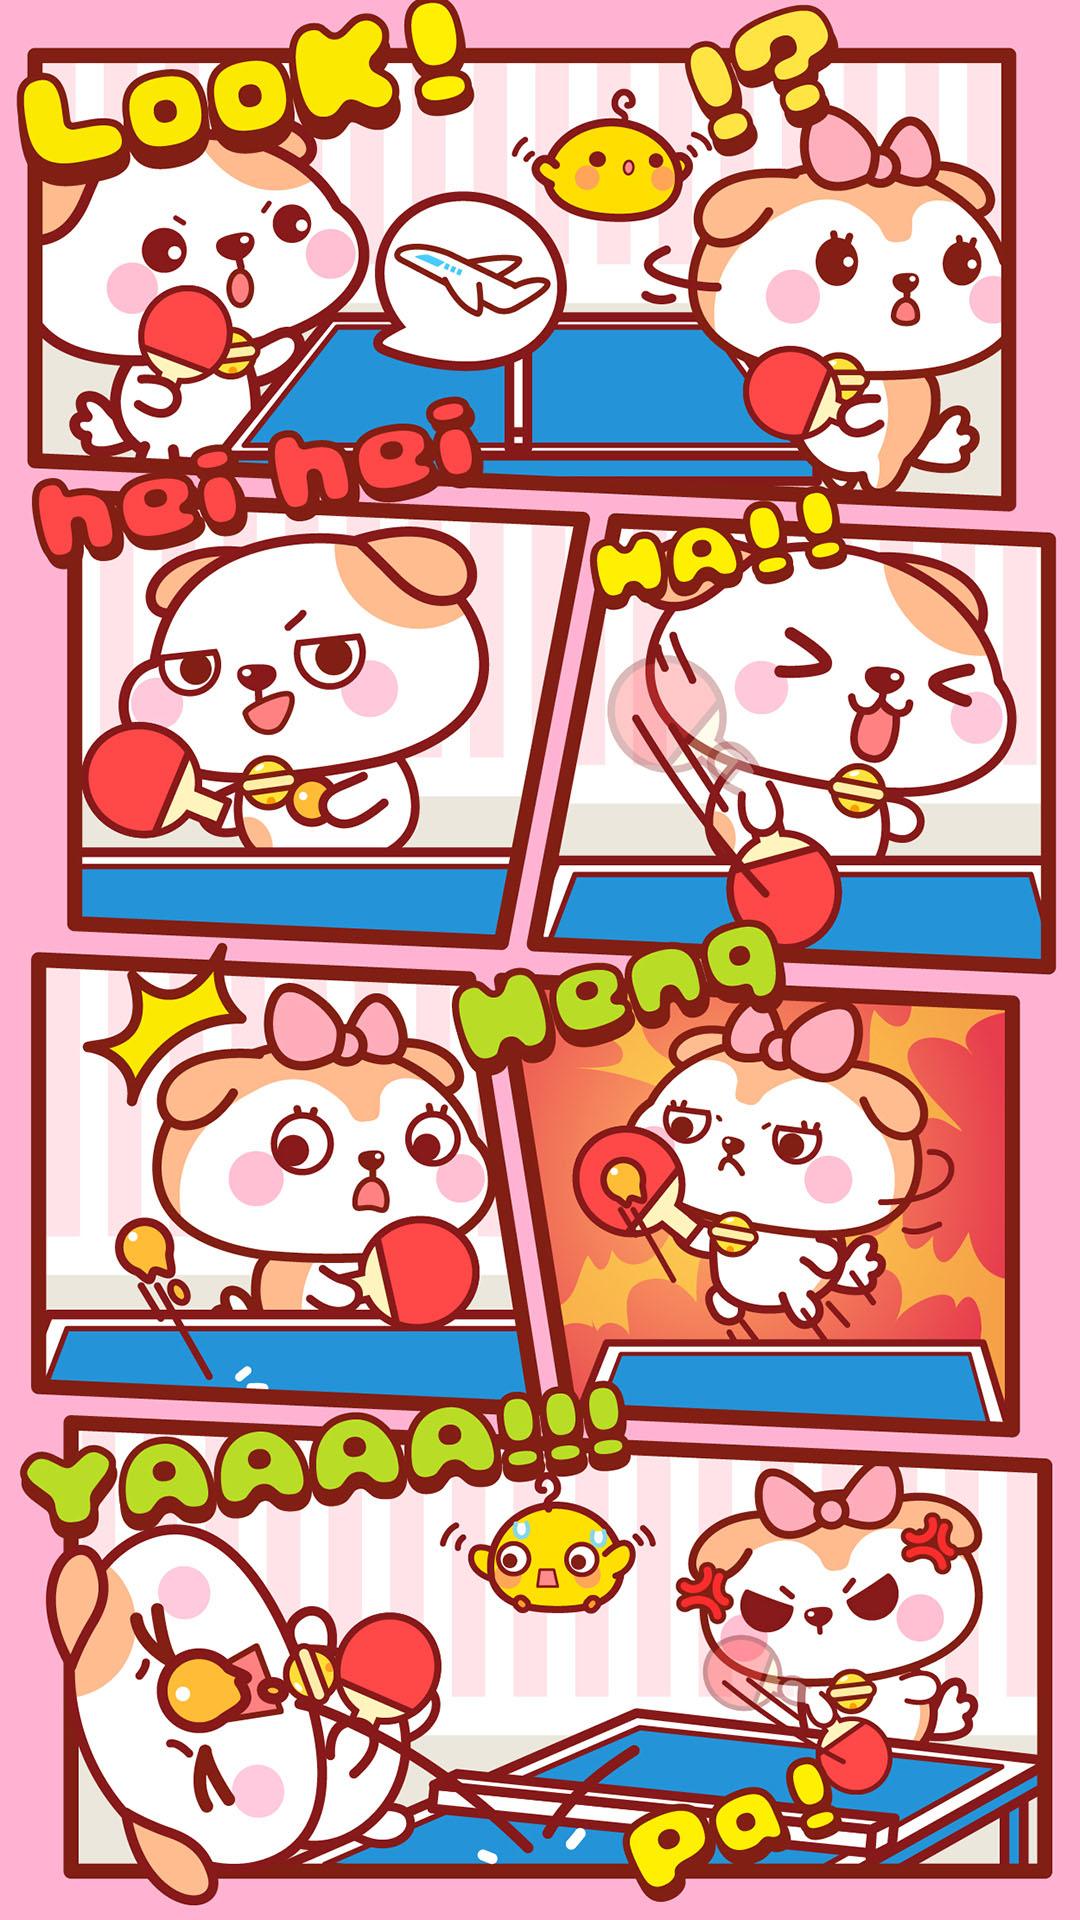 秋田君漫画091-099话